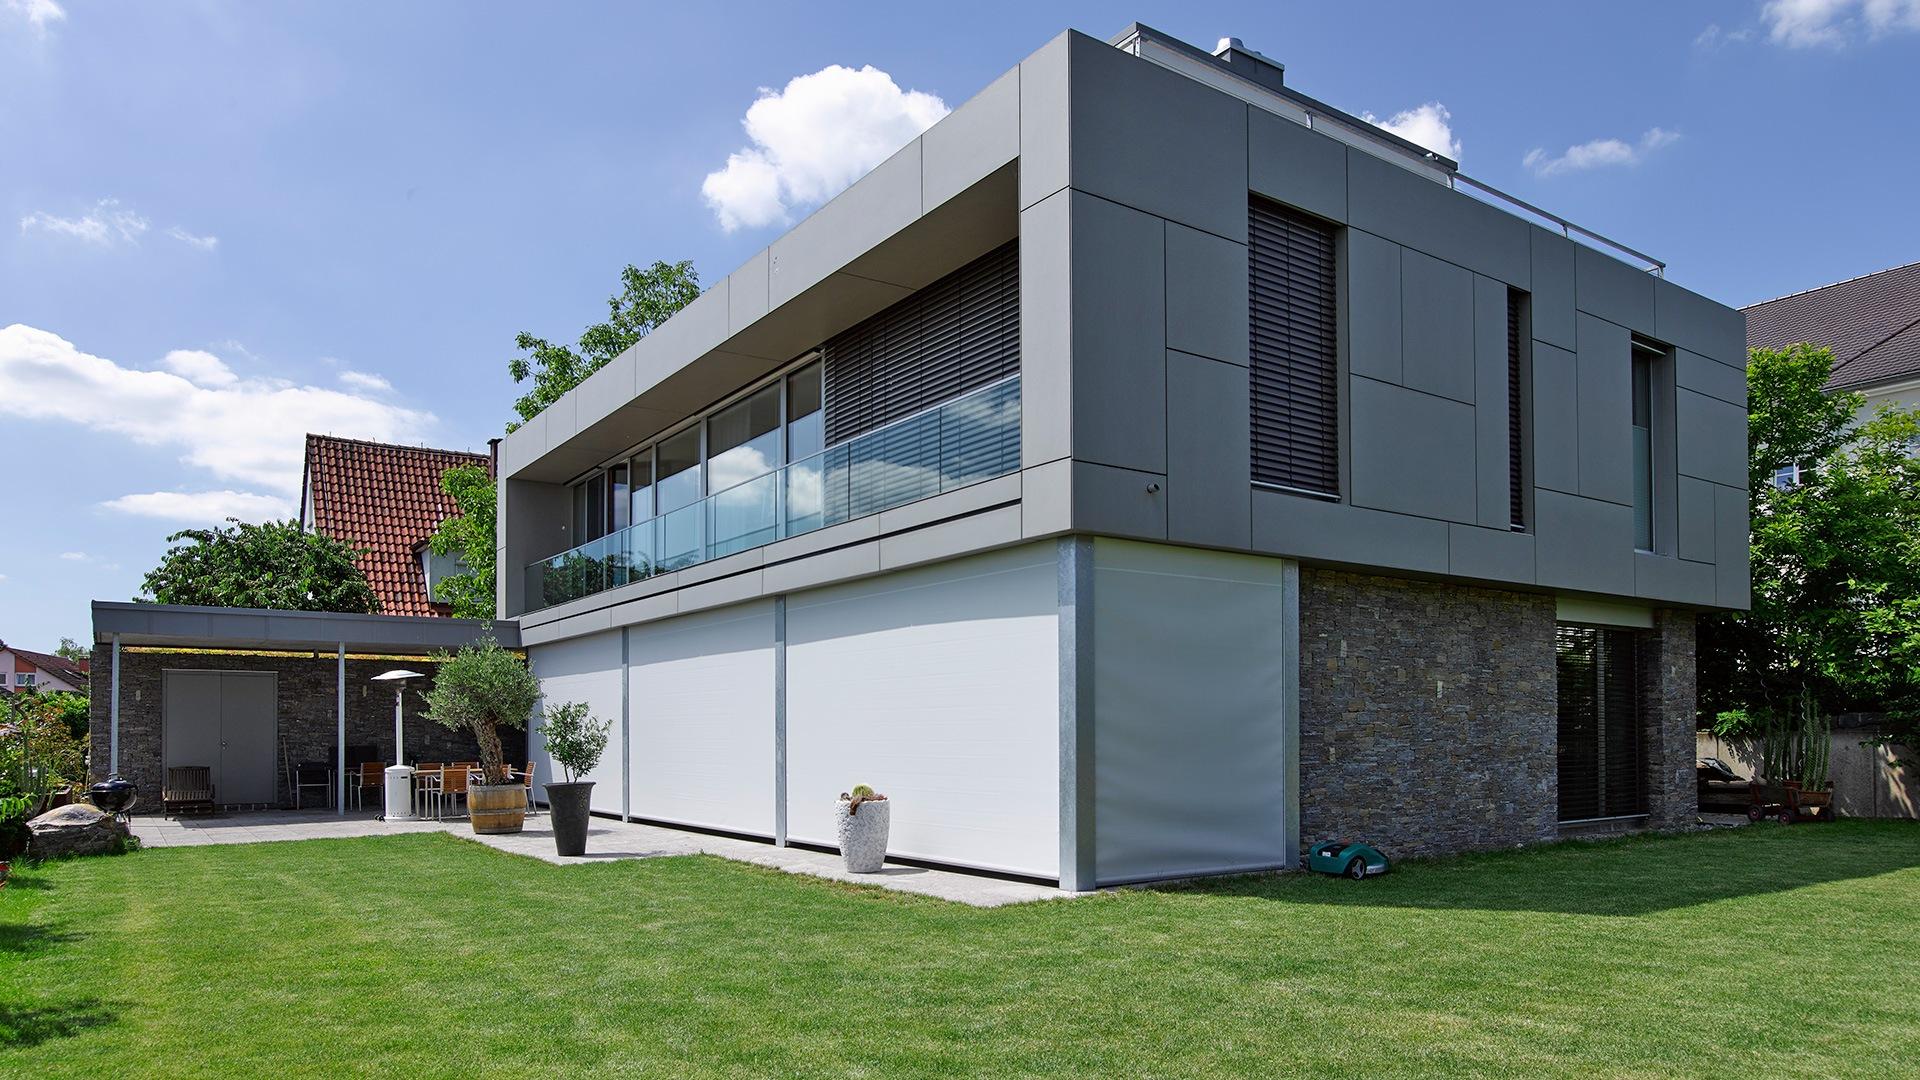 zanker textilscreen 03 - Sonnenschutz für Fenster und Fassade